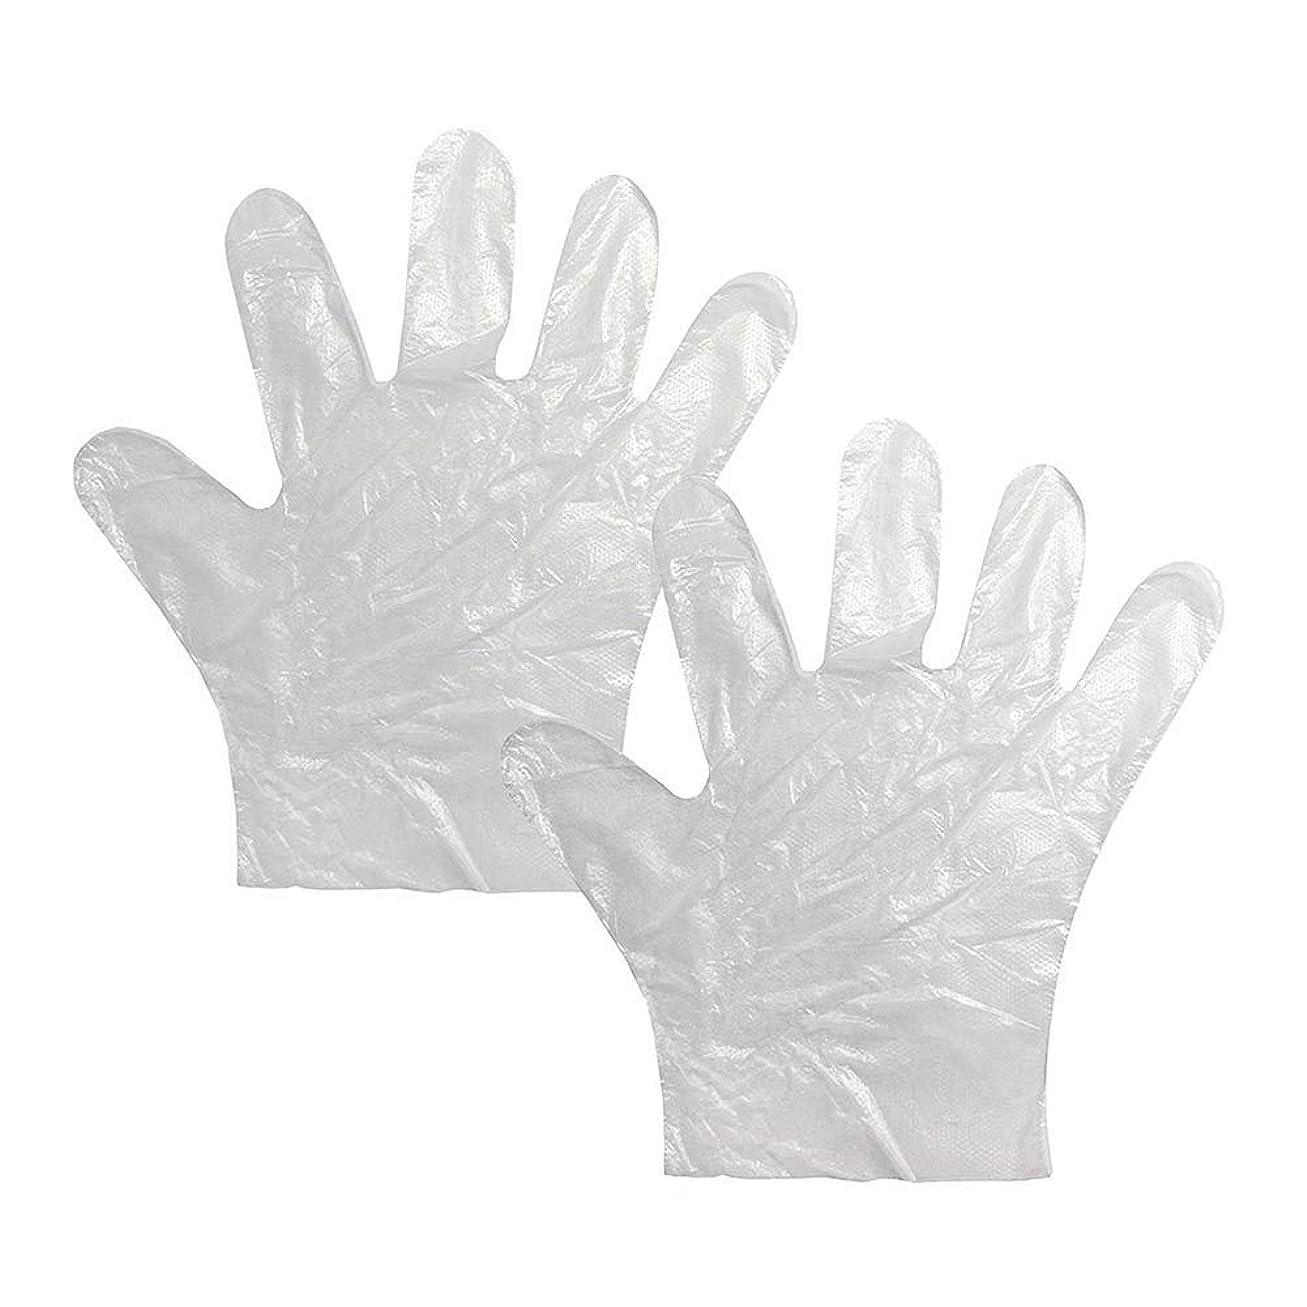 ブラザートランクライブラリ天才使い捨て手袋 極薄ビニール手袋 ポリエチレン 透明 実用 衛生 100枚*2セット